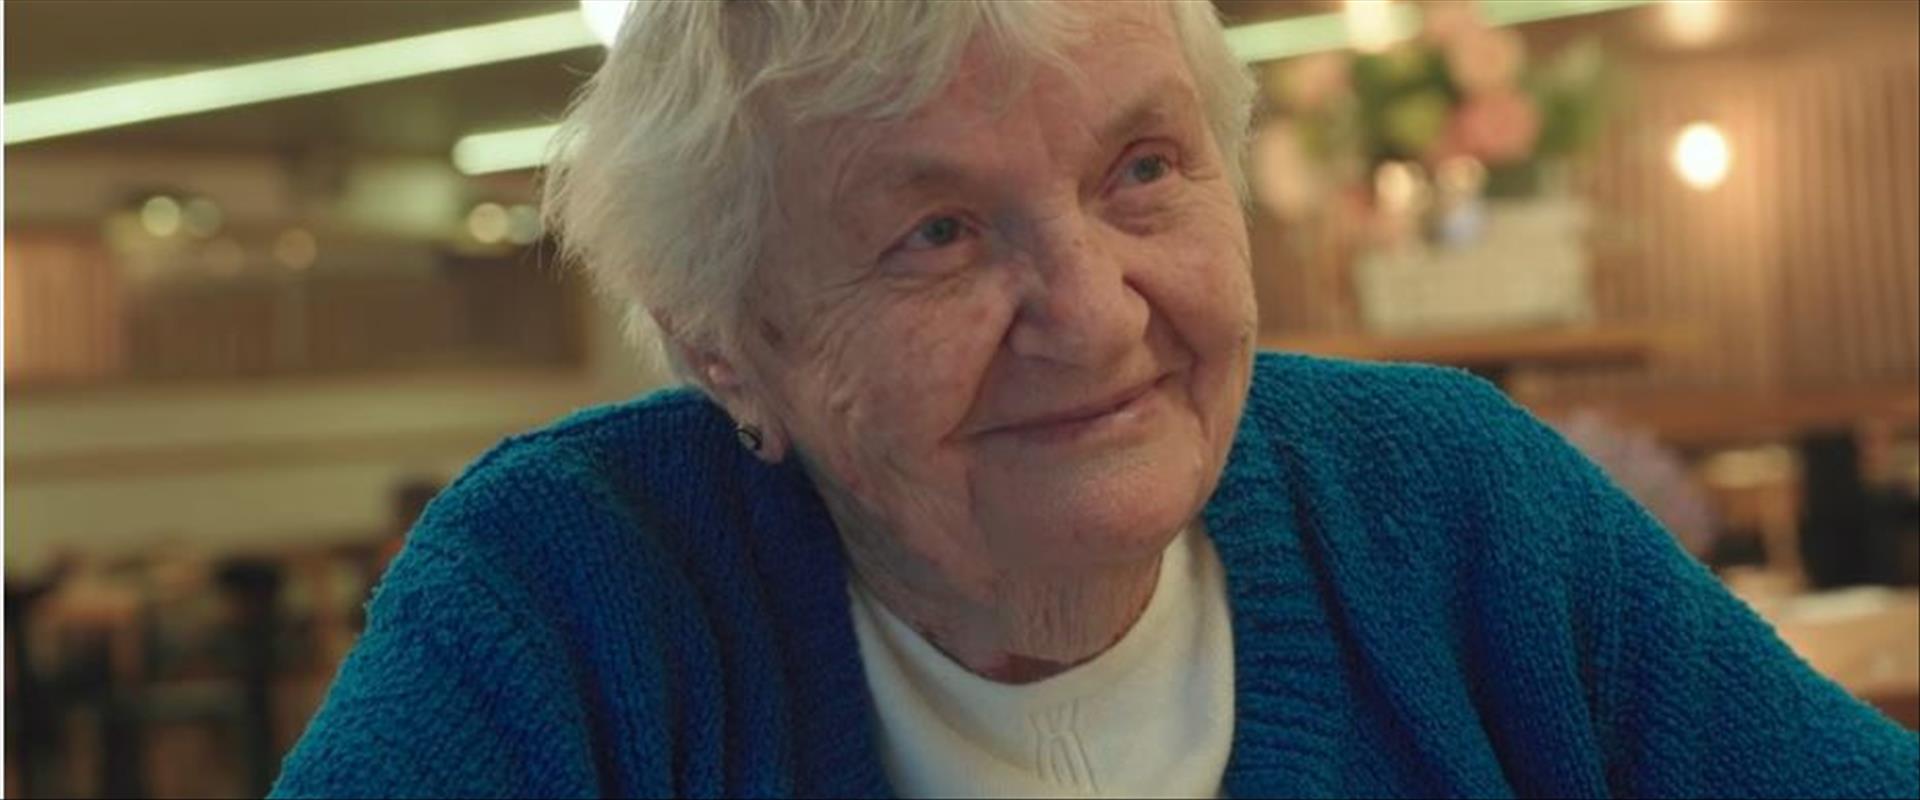 שרה לייכט